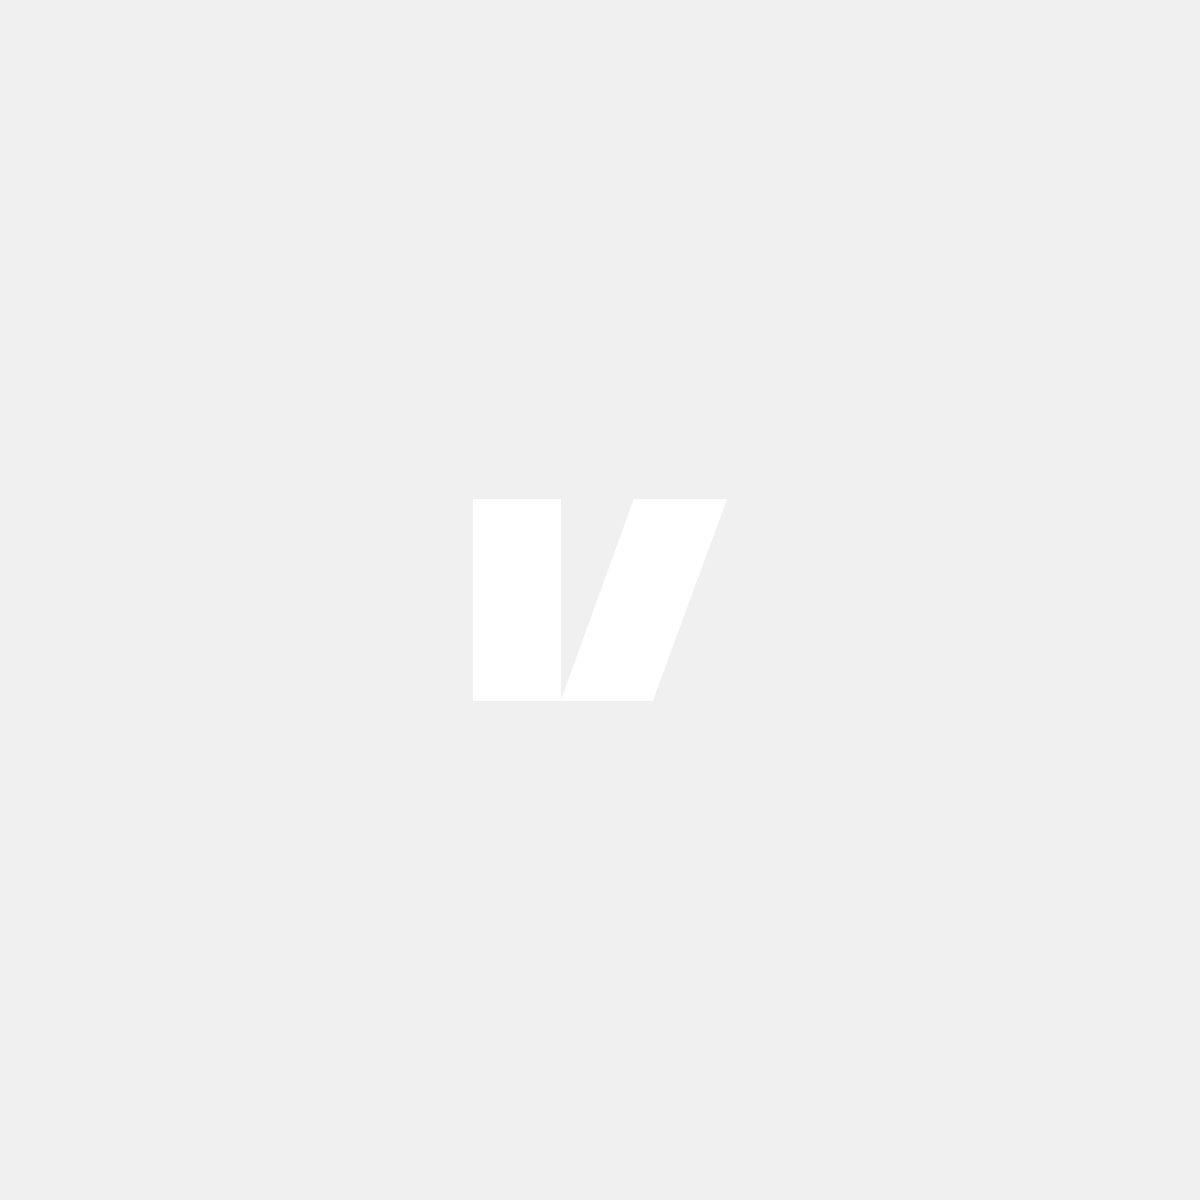 USA-Blinkers till Volvo S70 V70 C70, passagerarsidan